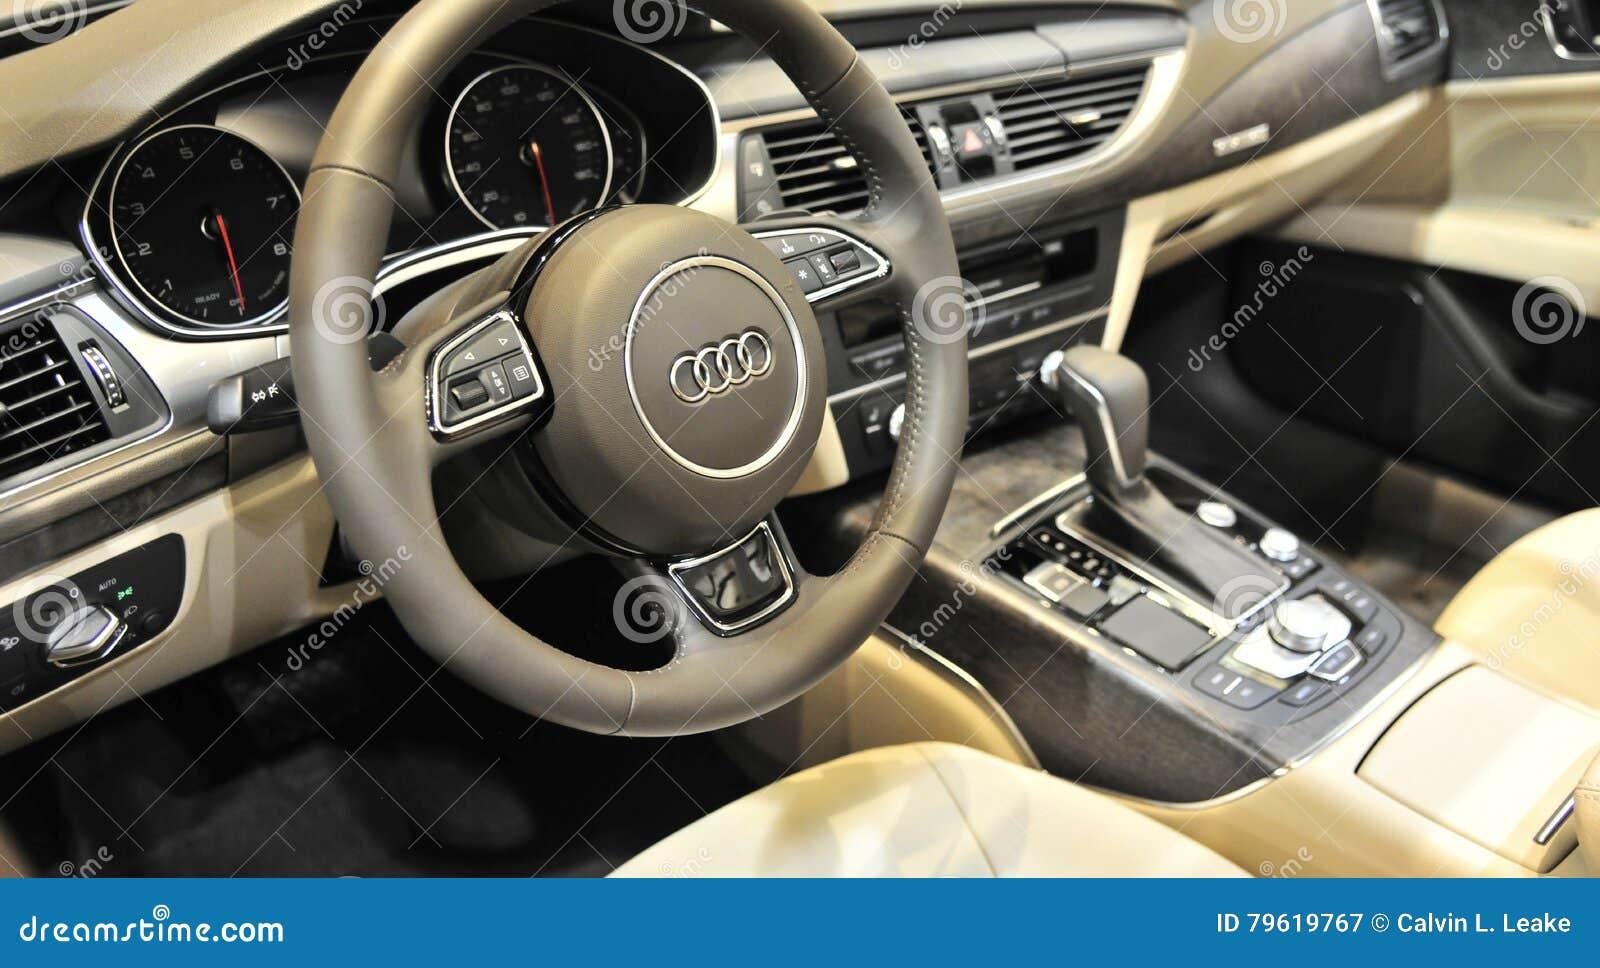 Armaturenbrett audi  Armaturenbrett Von Audi Quattro Sports Car Interior Redaktionelles ...